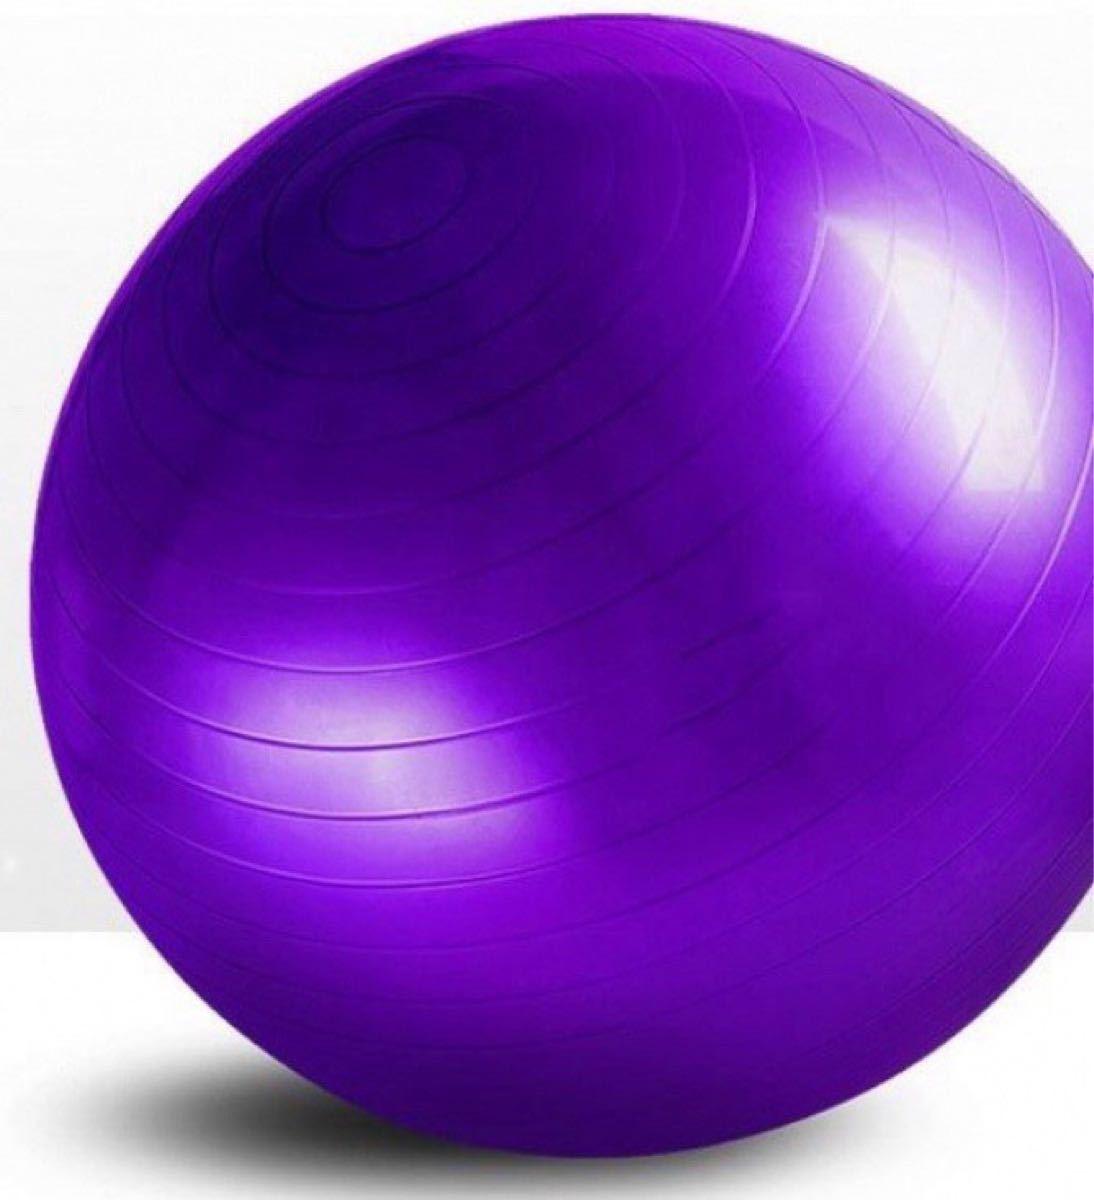 バランスボール 65cm ヨガ 運動 トレーニング エクササイズ フィットネス